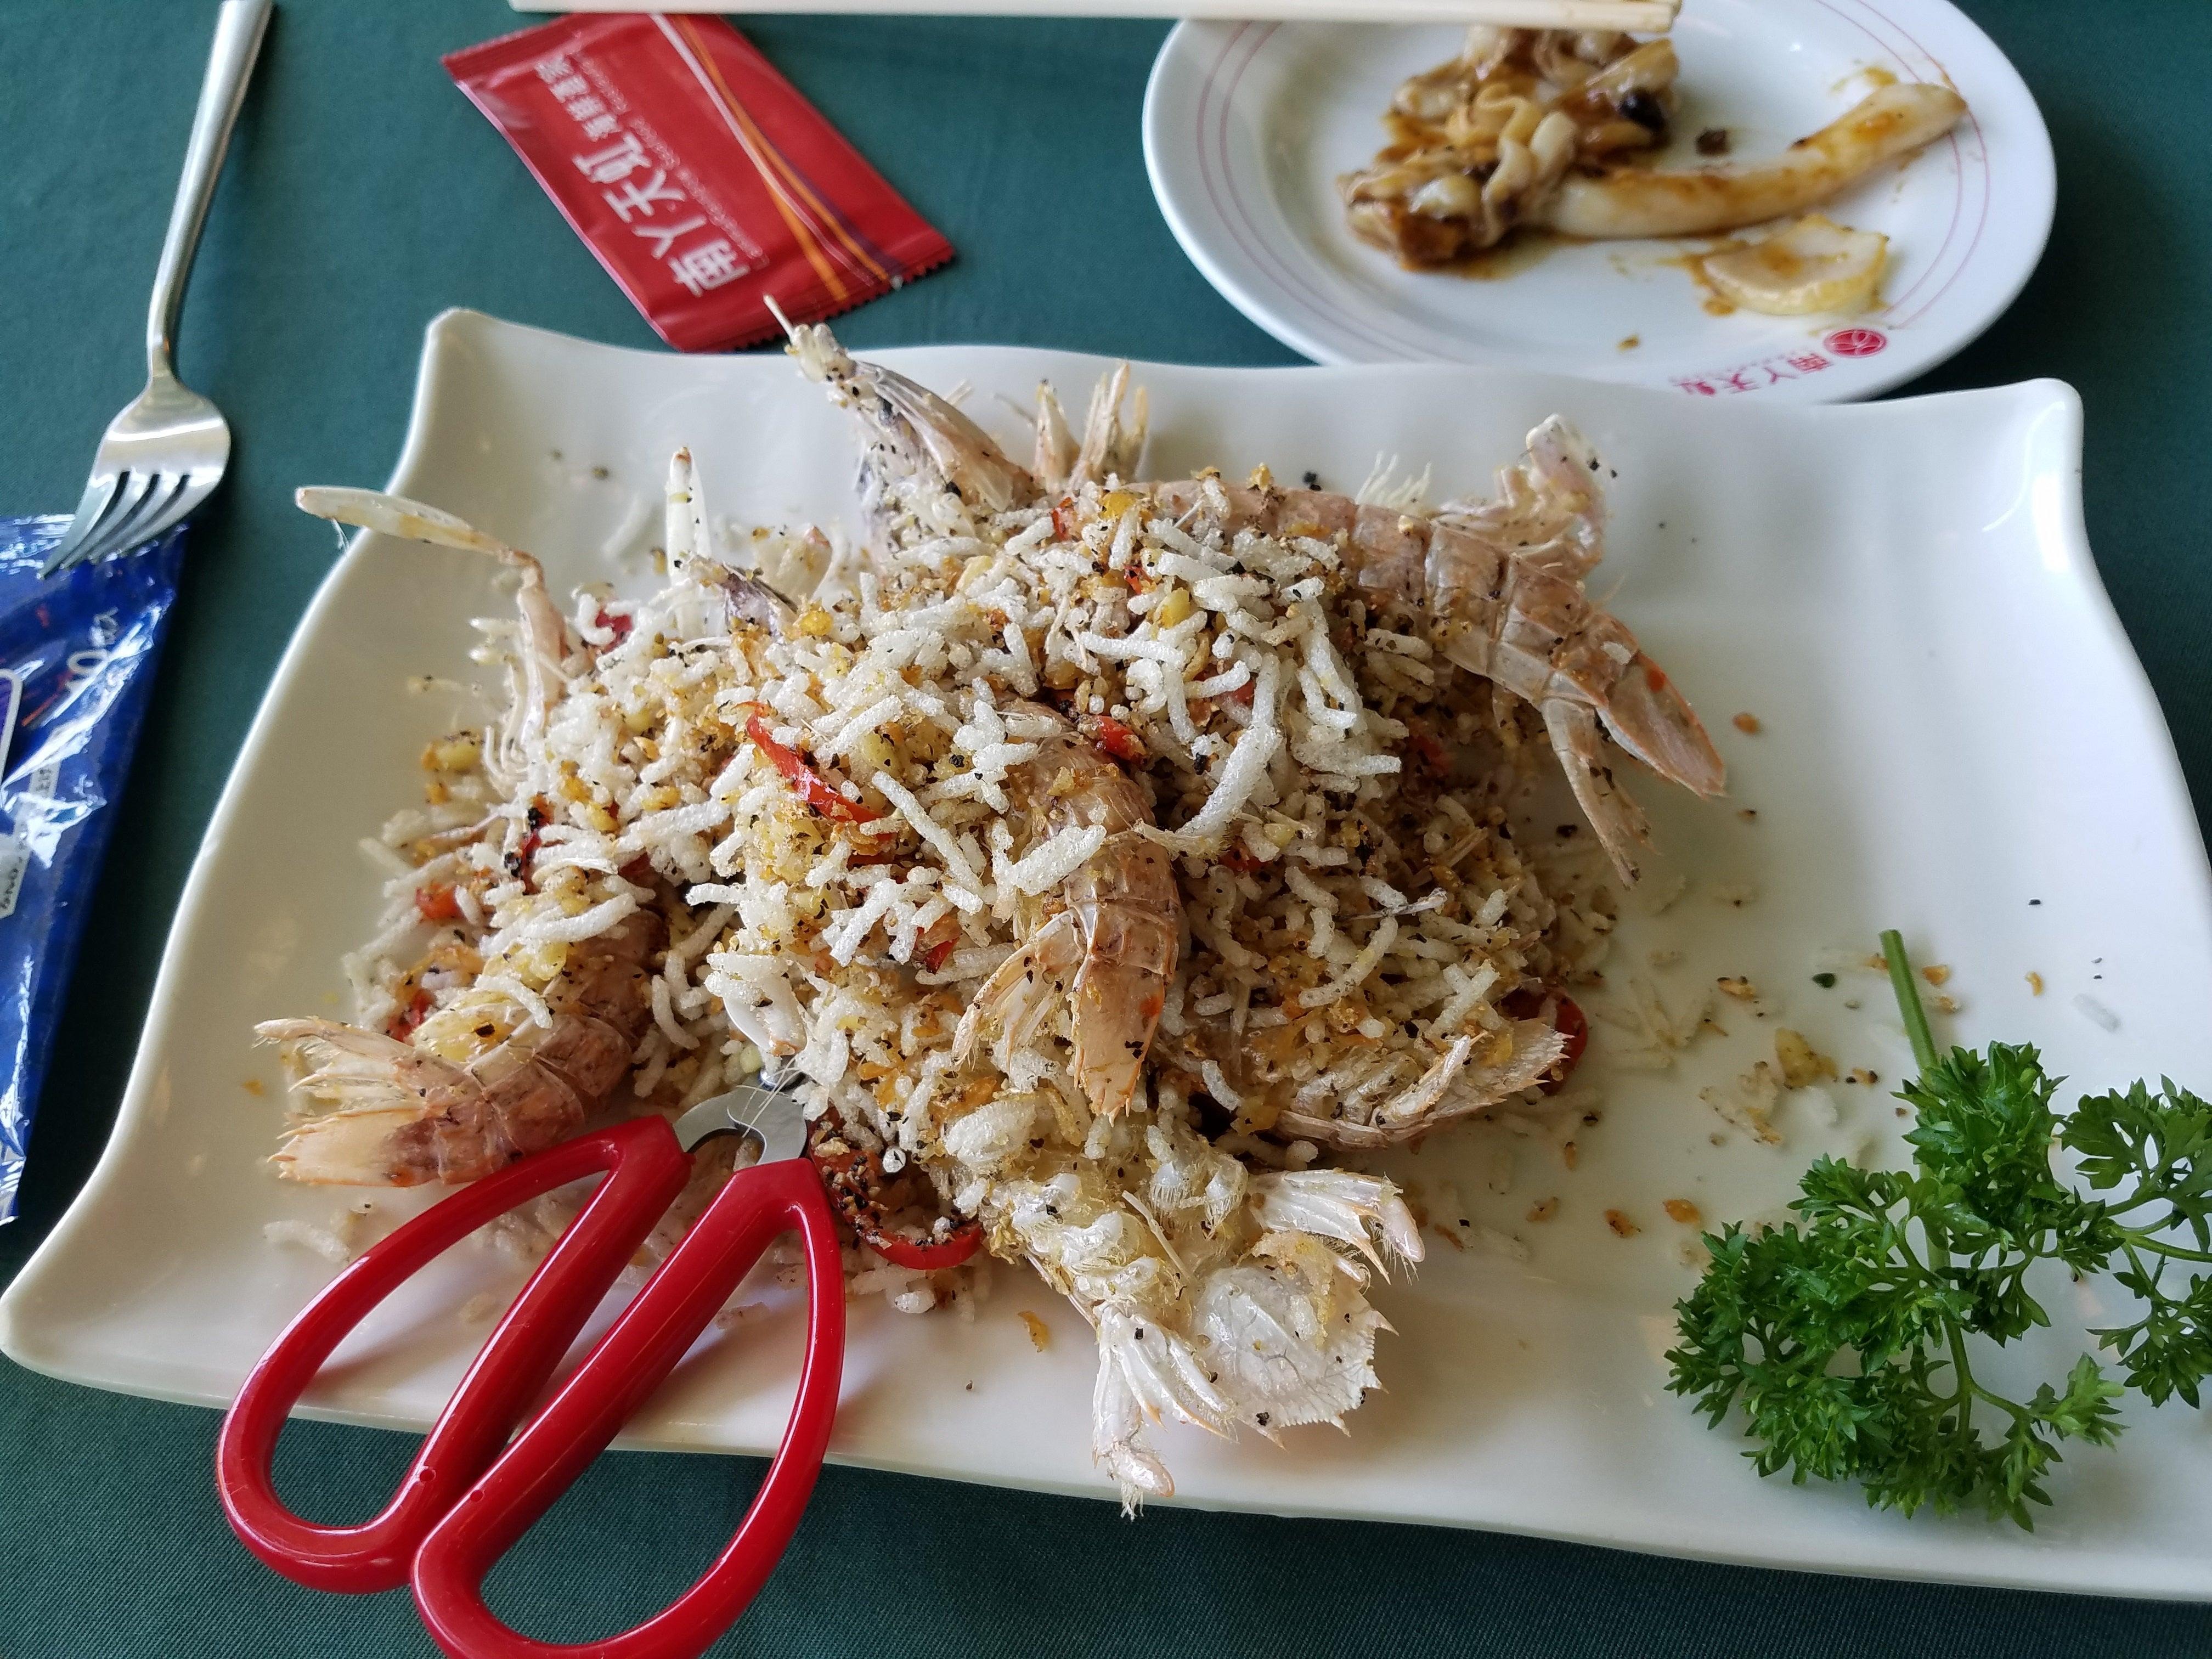 【香港】南Y島(ラマ島)で運動した後にたらふく食べる海鮮 | レマの『旅行に行きたい!』